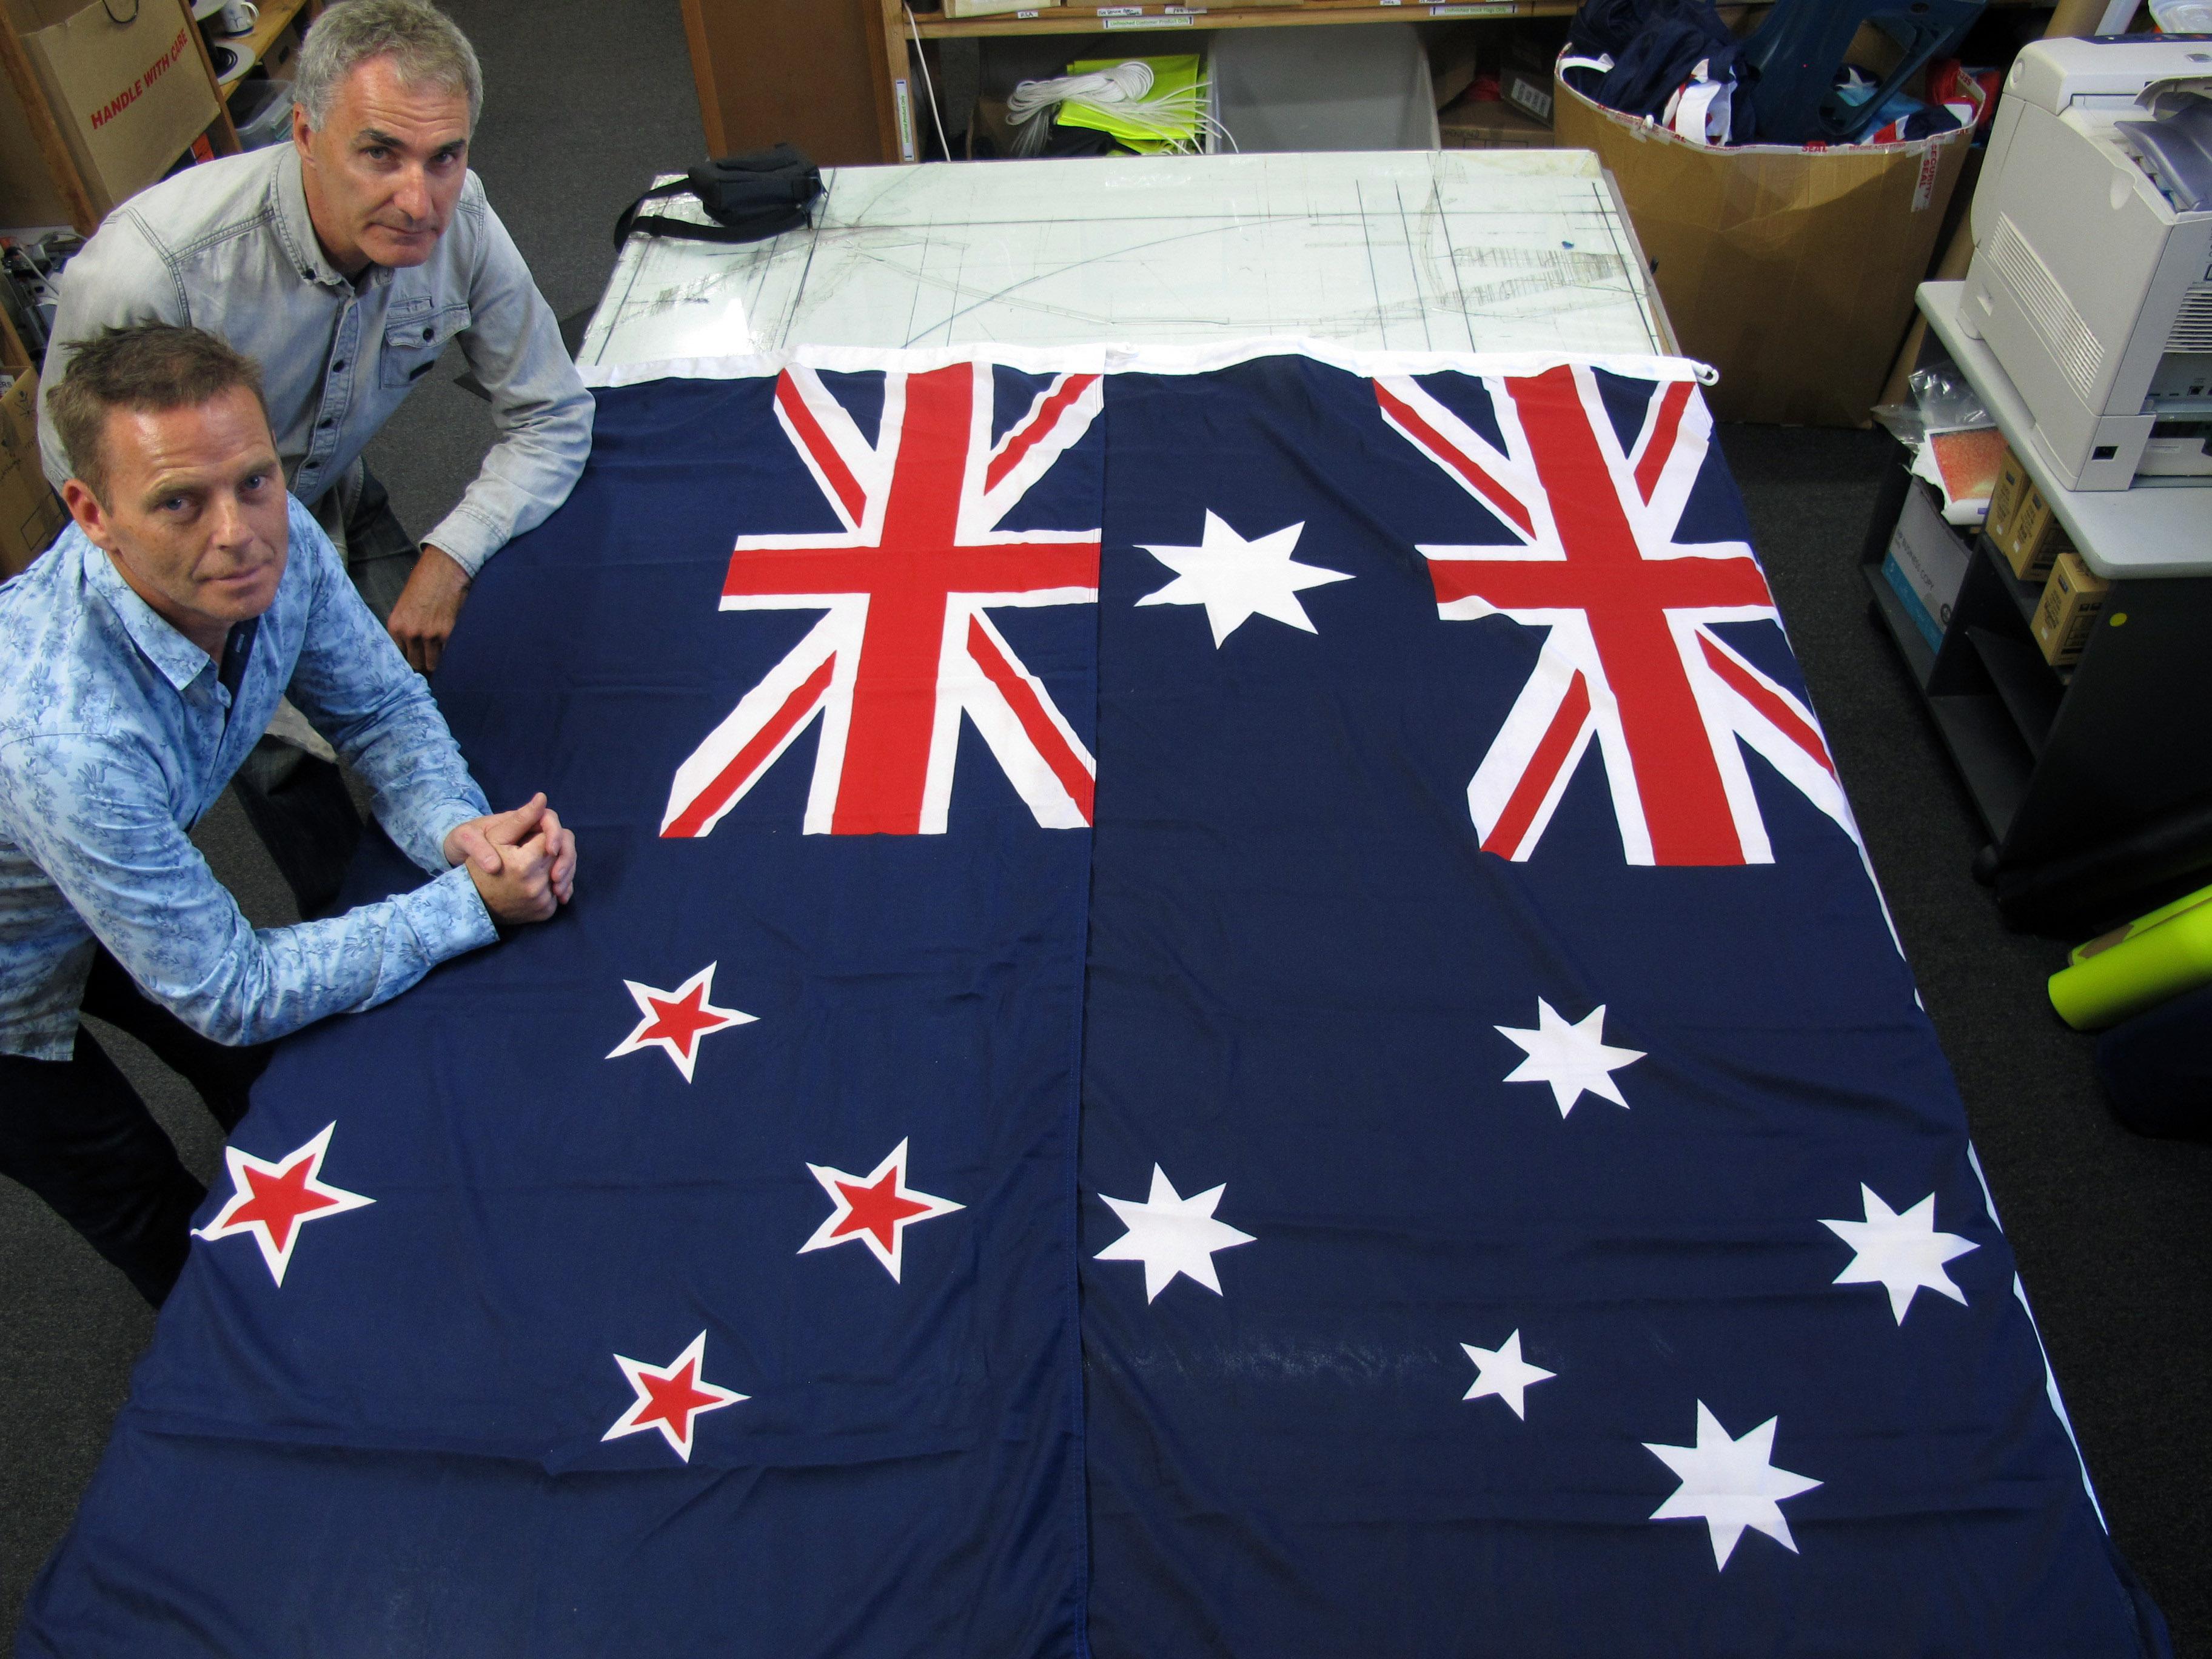 фото-сувениры, флаг сша и австралии фото тяжело убедить себя